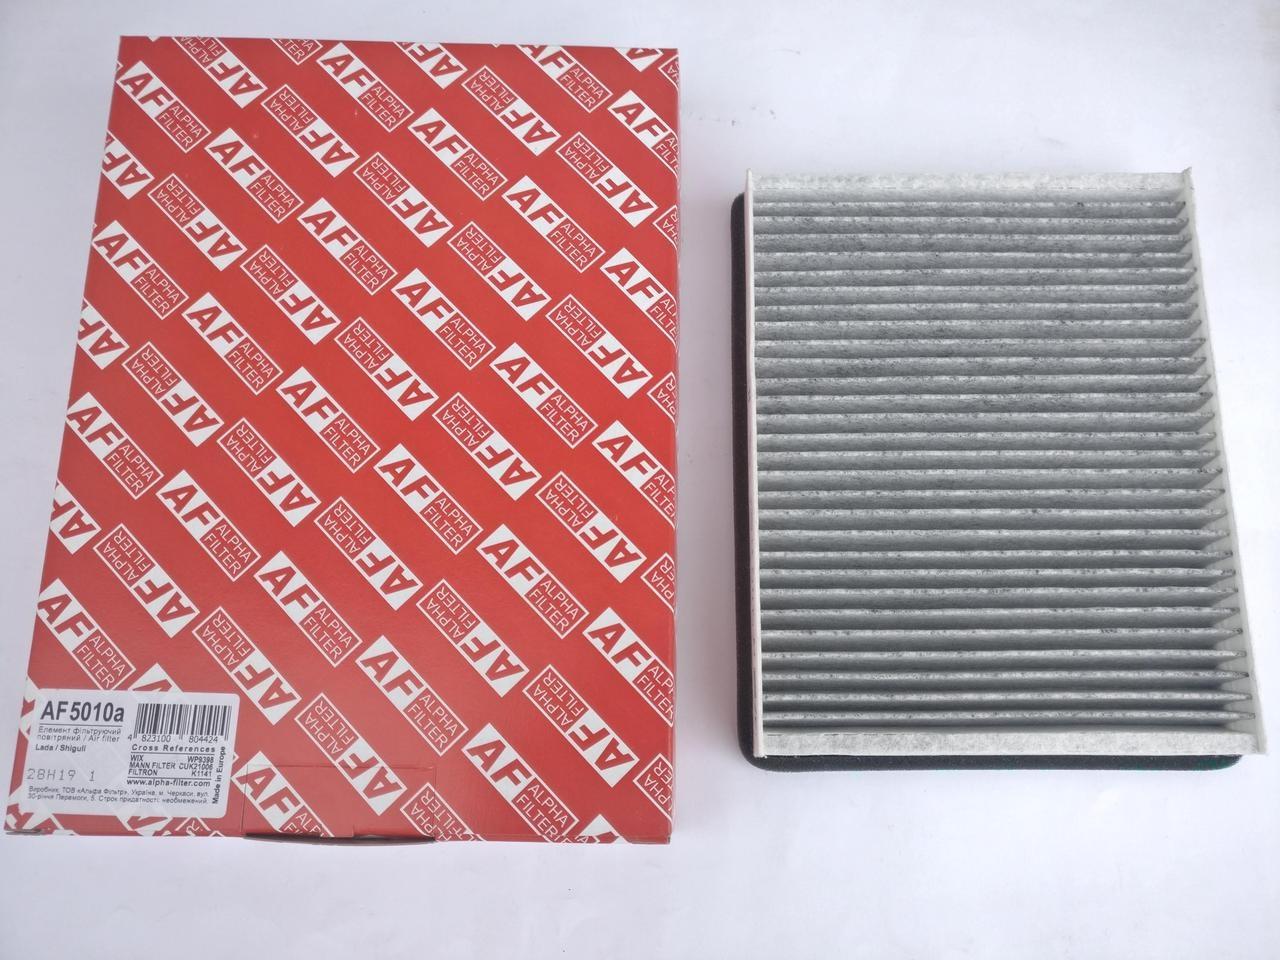 Фильтр салона Ваз 2110-2112 после 2003 года ALFA FILTER Угольный